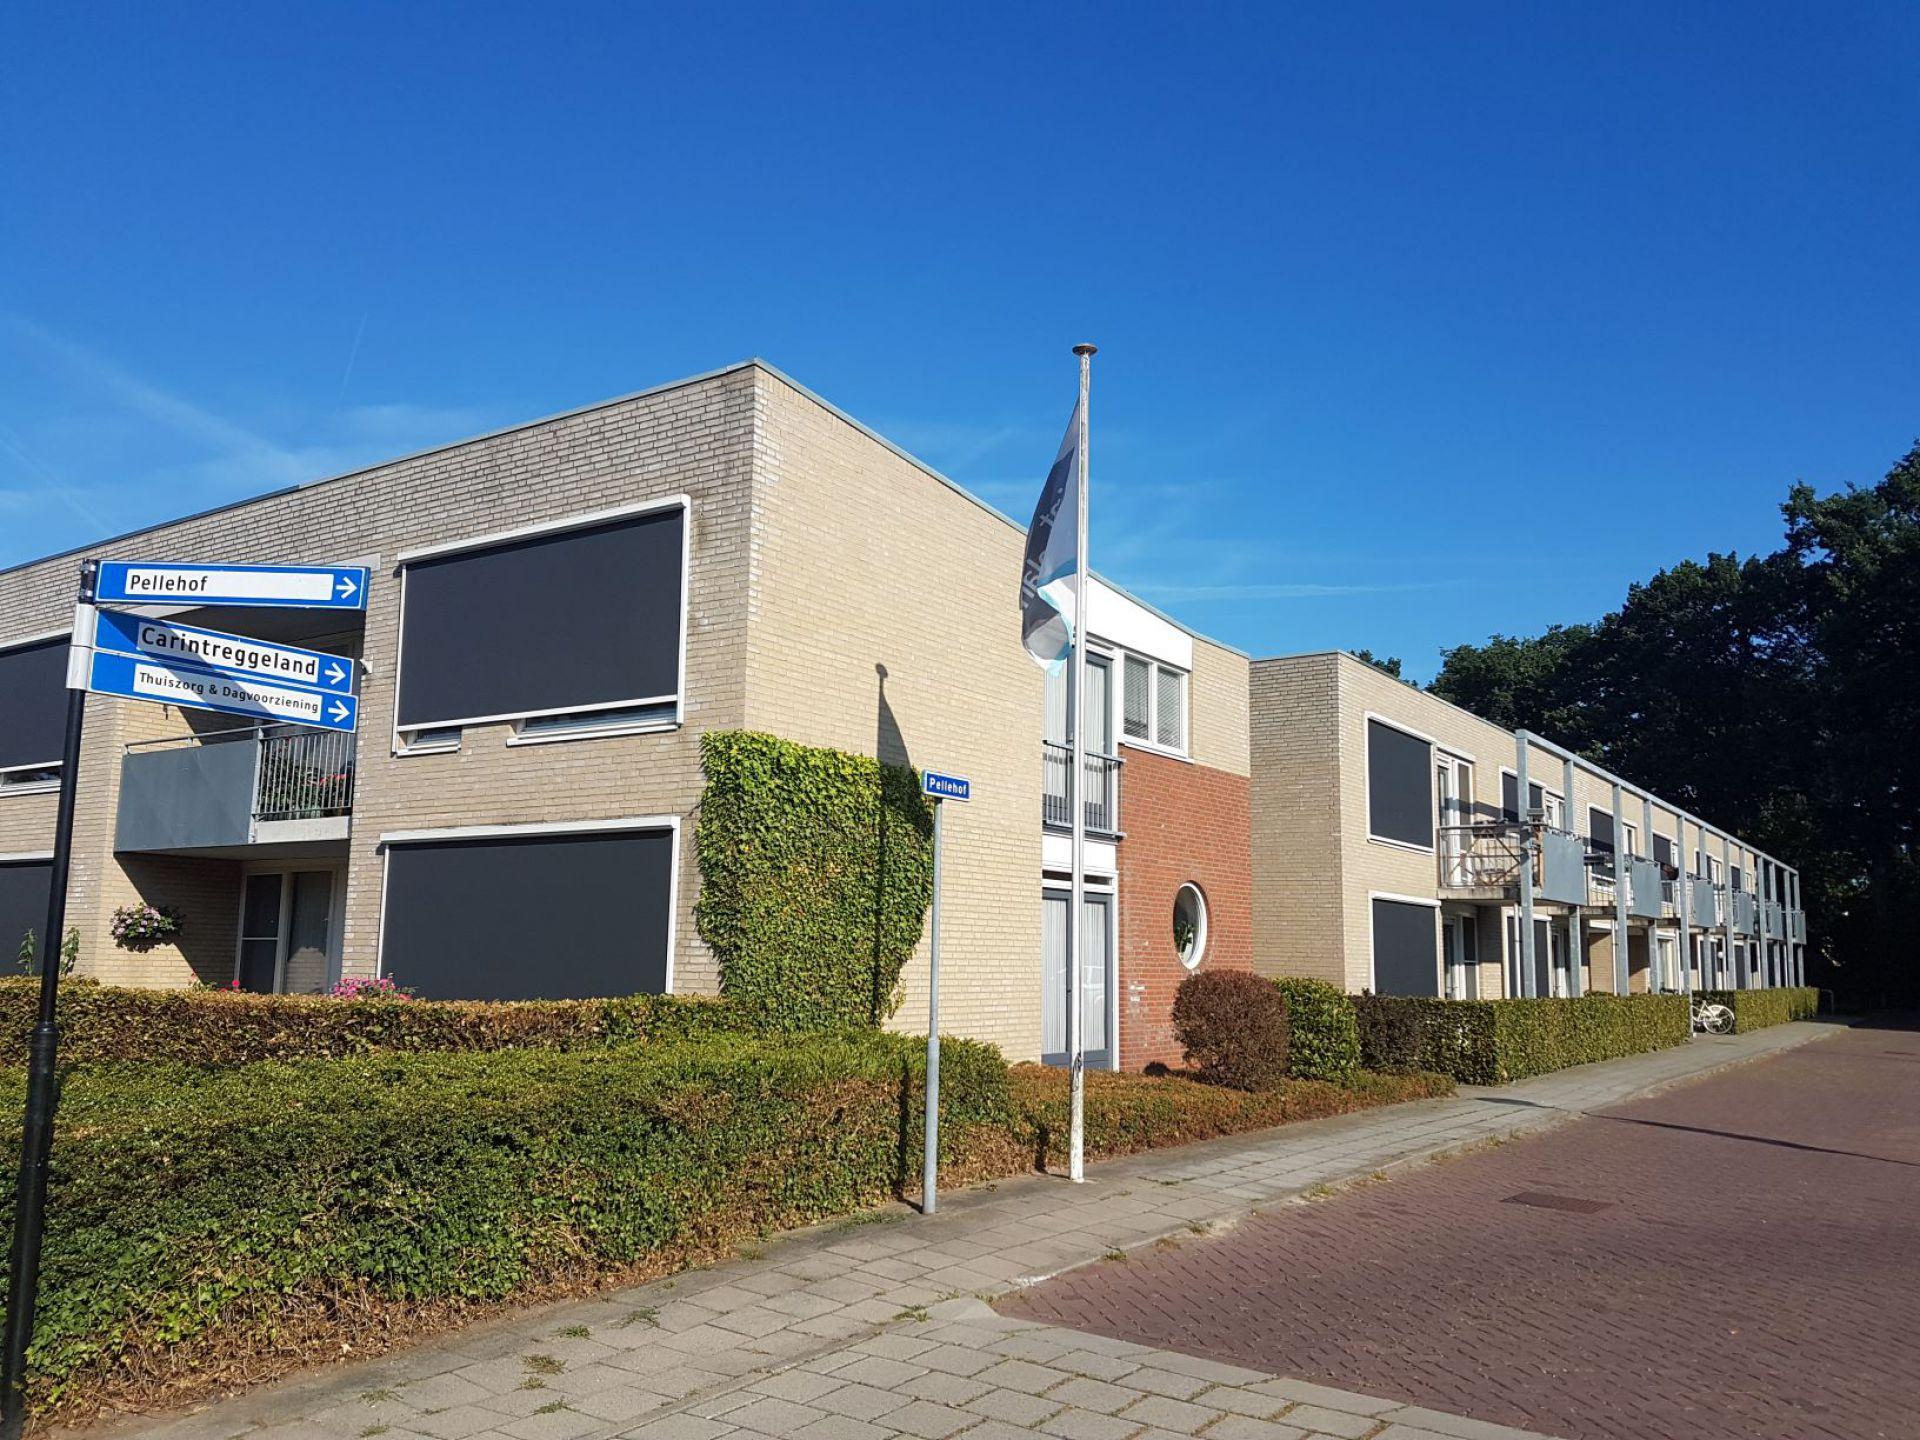 Wonen Delden nieuwe eigenaar van de Pellehof in Hengevelde